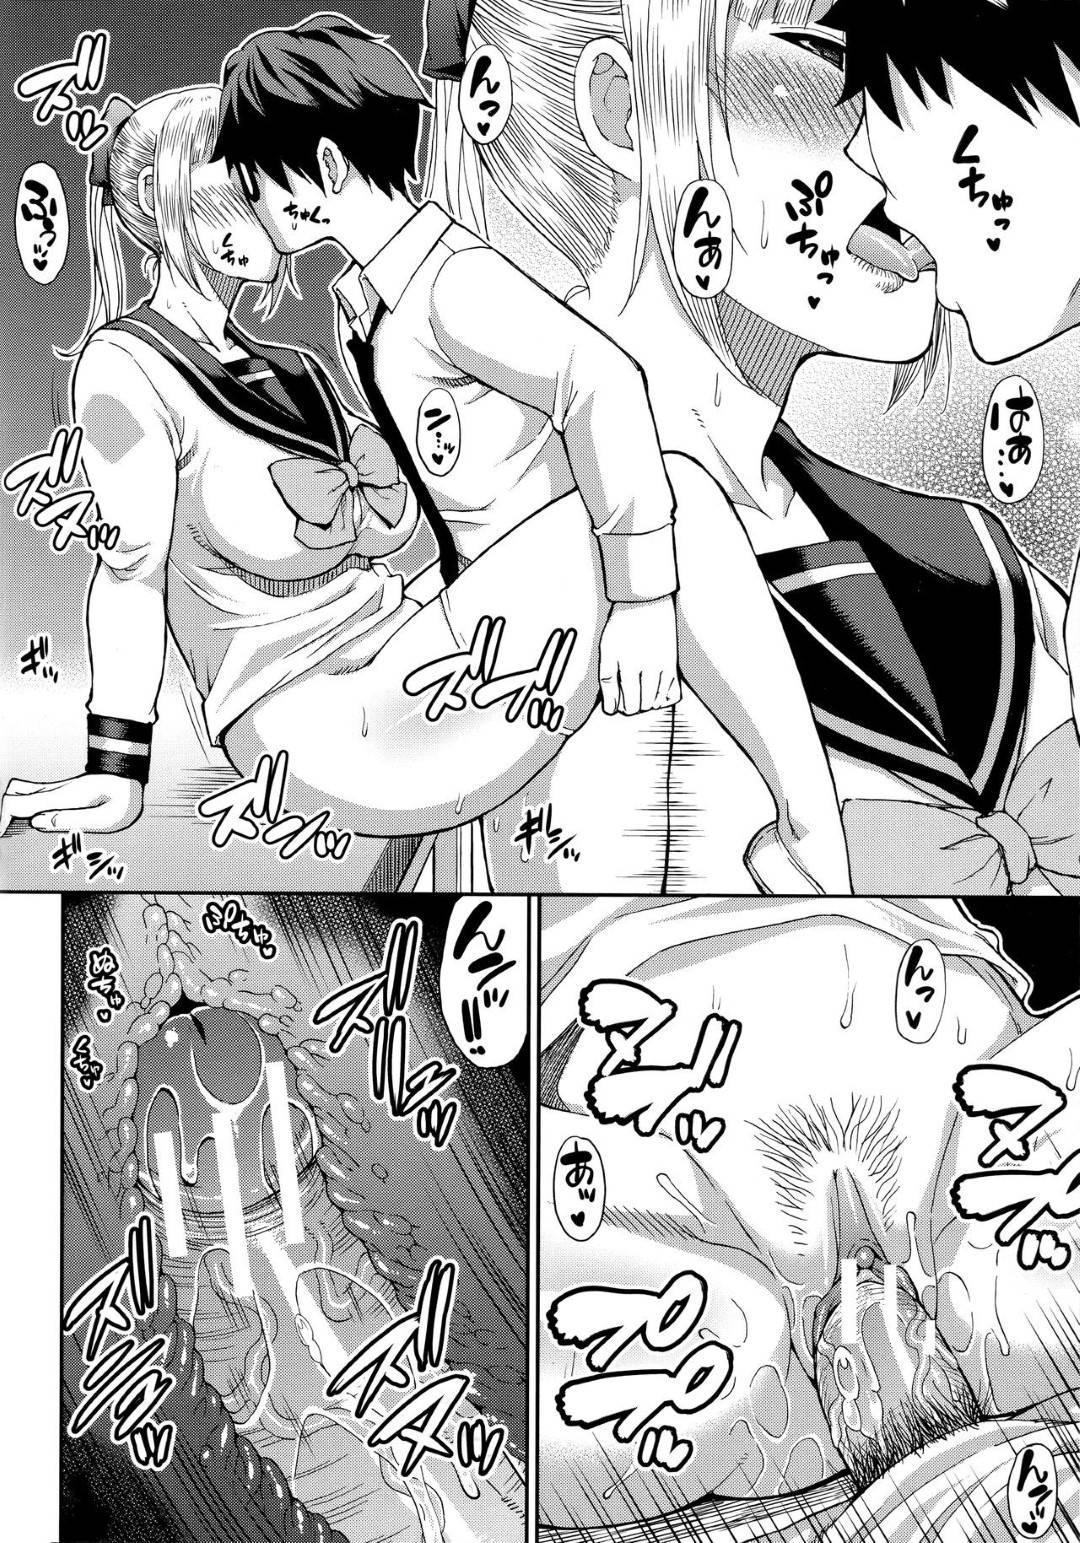 【エロ漫画】教師と付き合っているヤキモチ焼きの巨乳JK…恋人がいると言わない教師にヤキモチを焼いて校内でフェラ!射精させず勃起したままにする!授業後に勃起が収まらない教師とその光景に興奮してオナニーした彼女が校内で激しくセックス!【春城秋介】